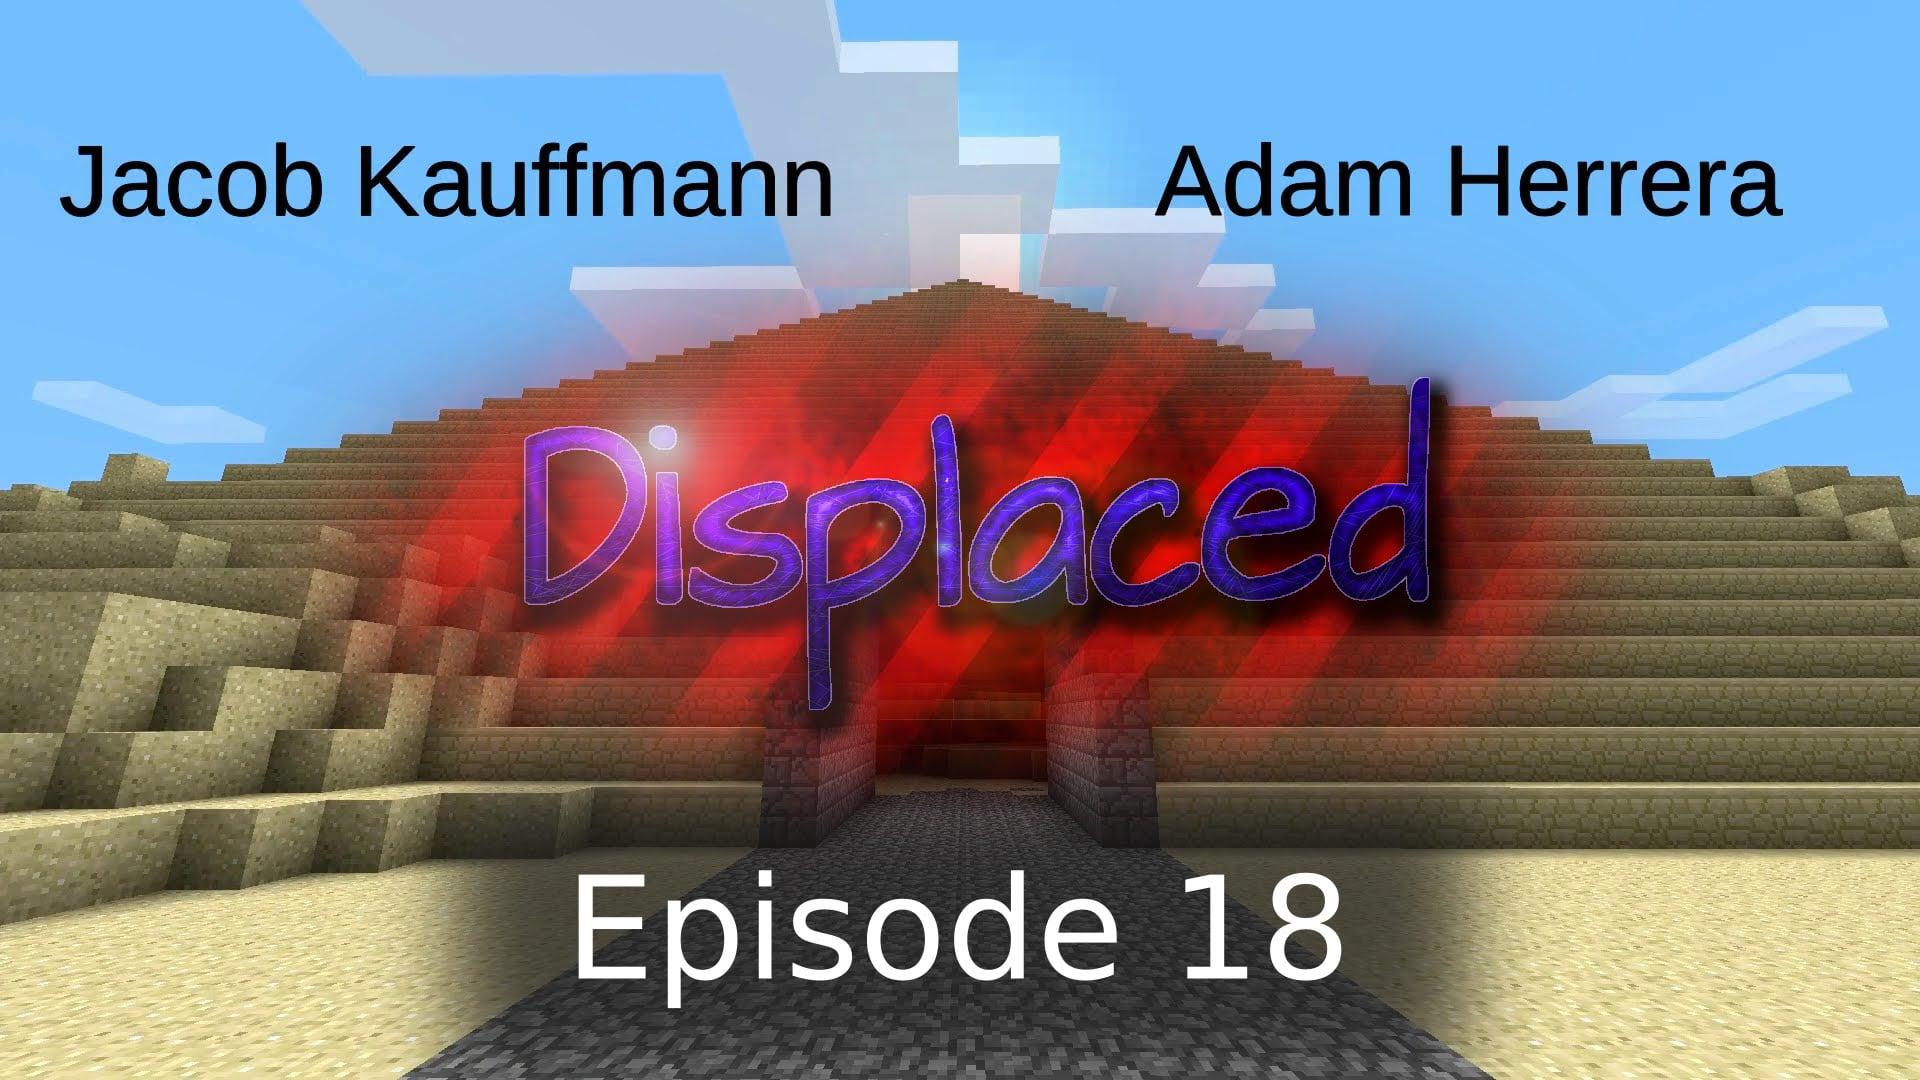 Episode 18 - Displaced